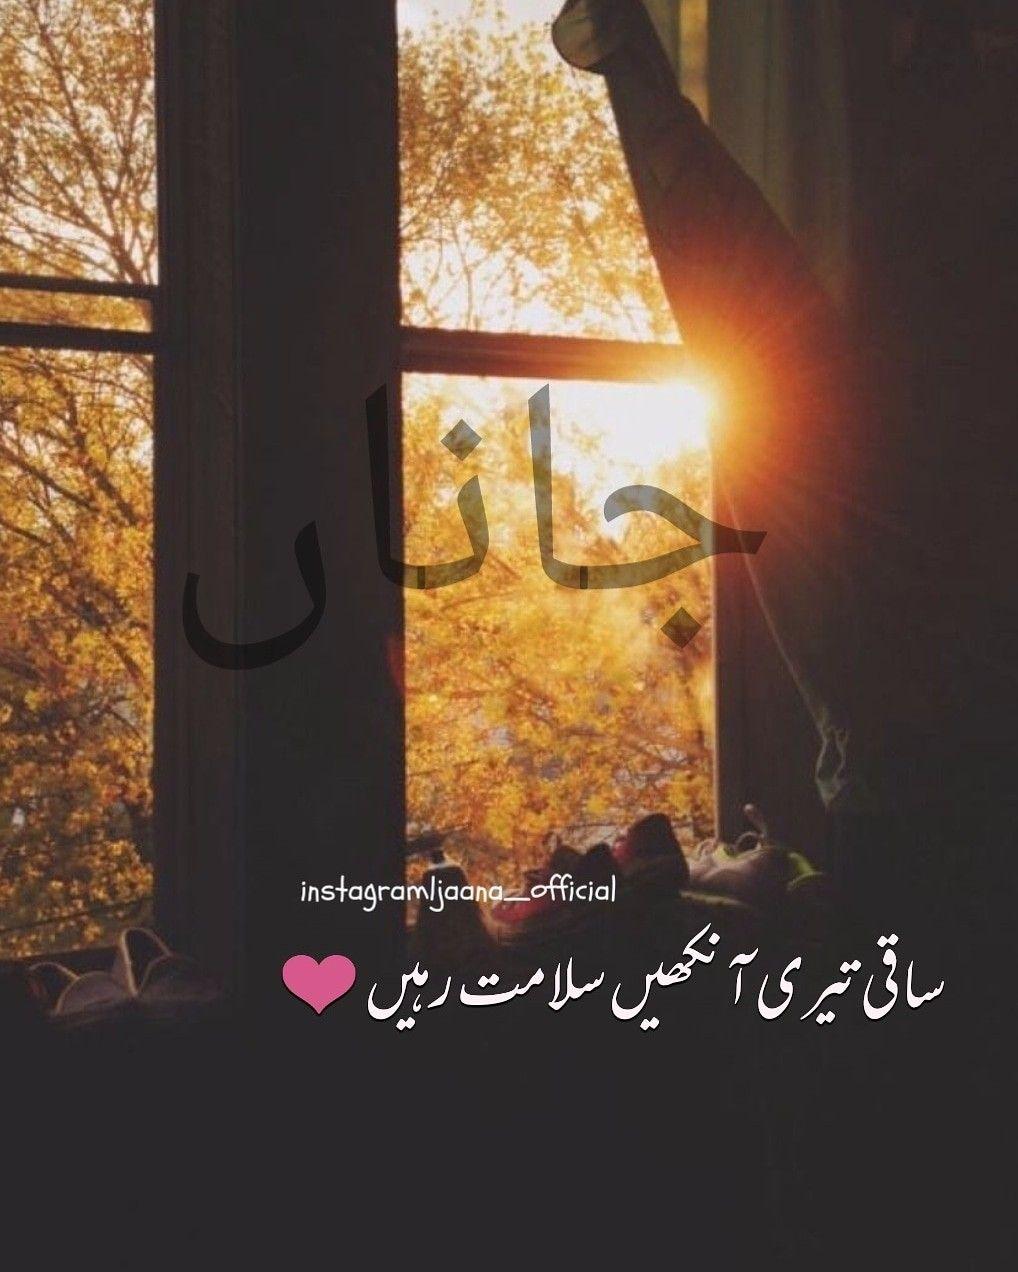 Jaanaofficial Jaana Urdupoetry Urdu Facebook Instagram